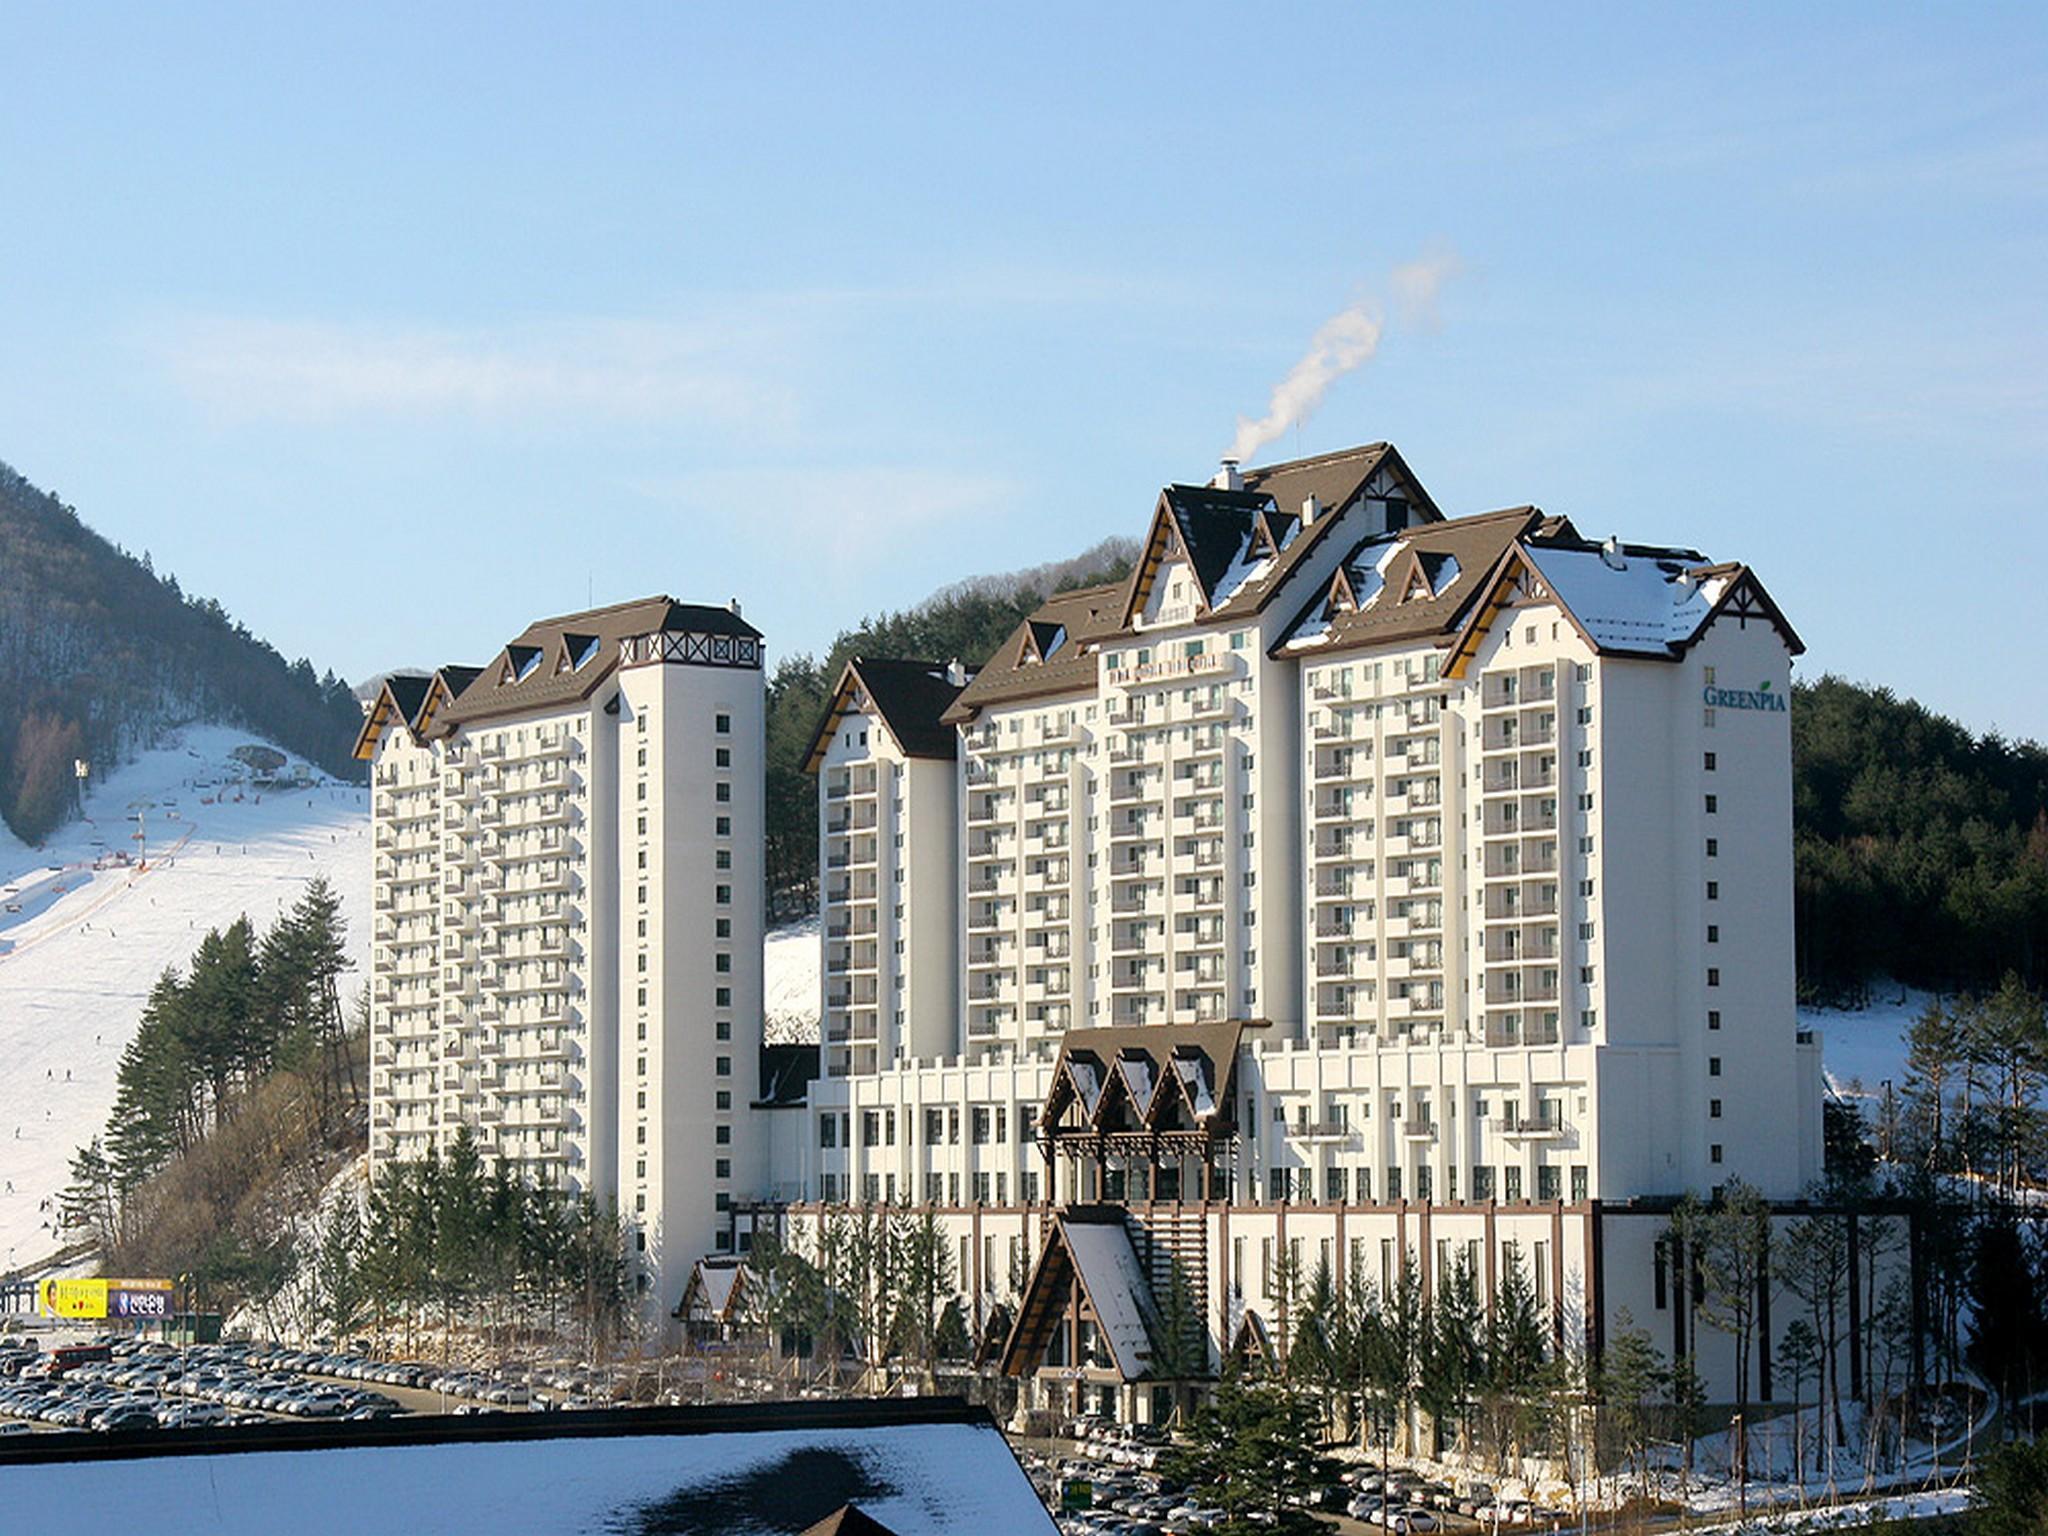 Yongpyong Resort Greenpia Condo, Pyeongchang